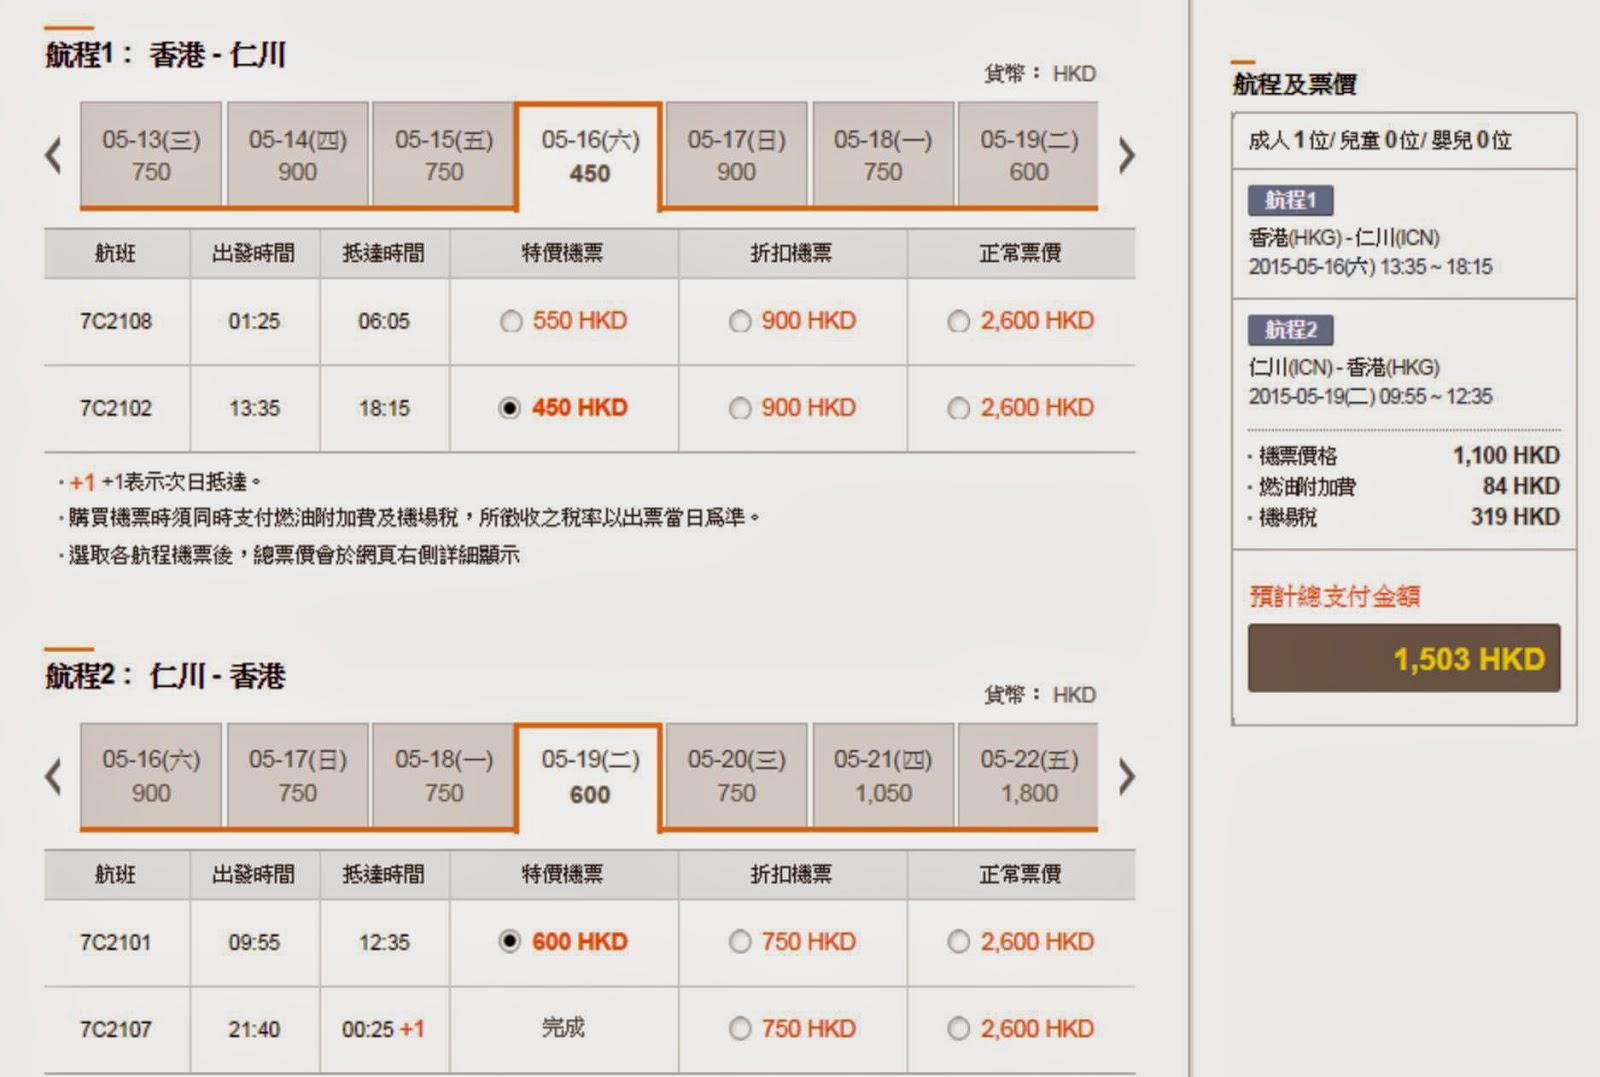 濟洲航空香港飛首爾5月16日出發,5月19日回程,來回連稅$1,503